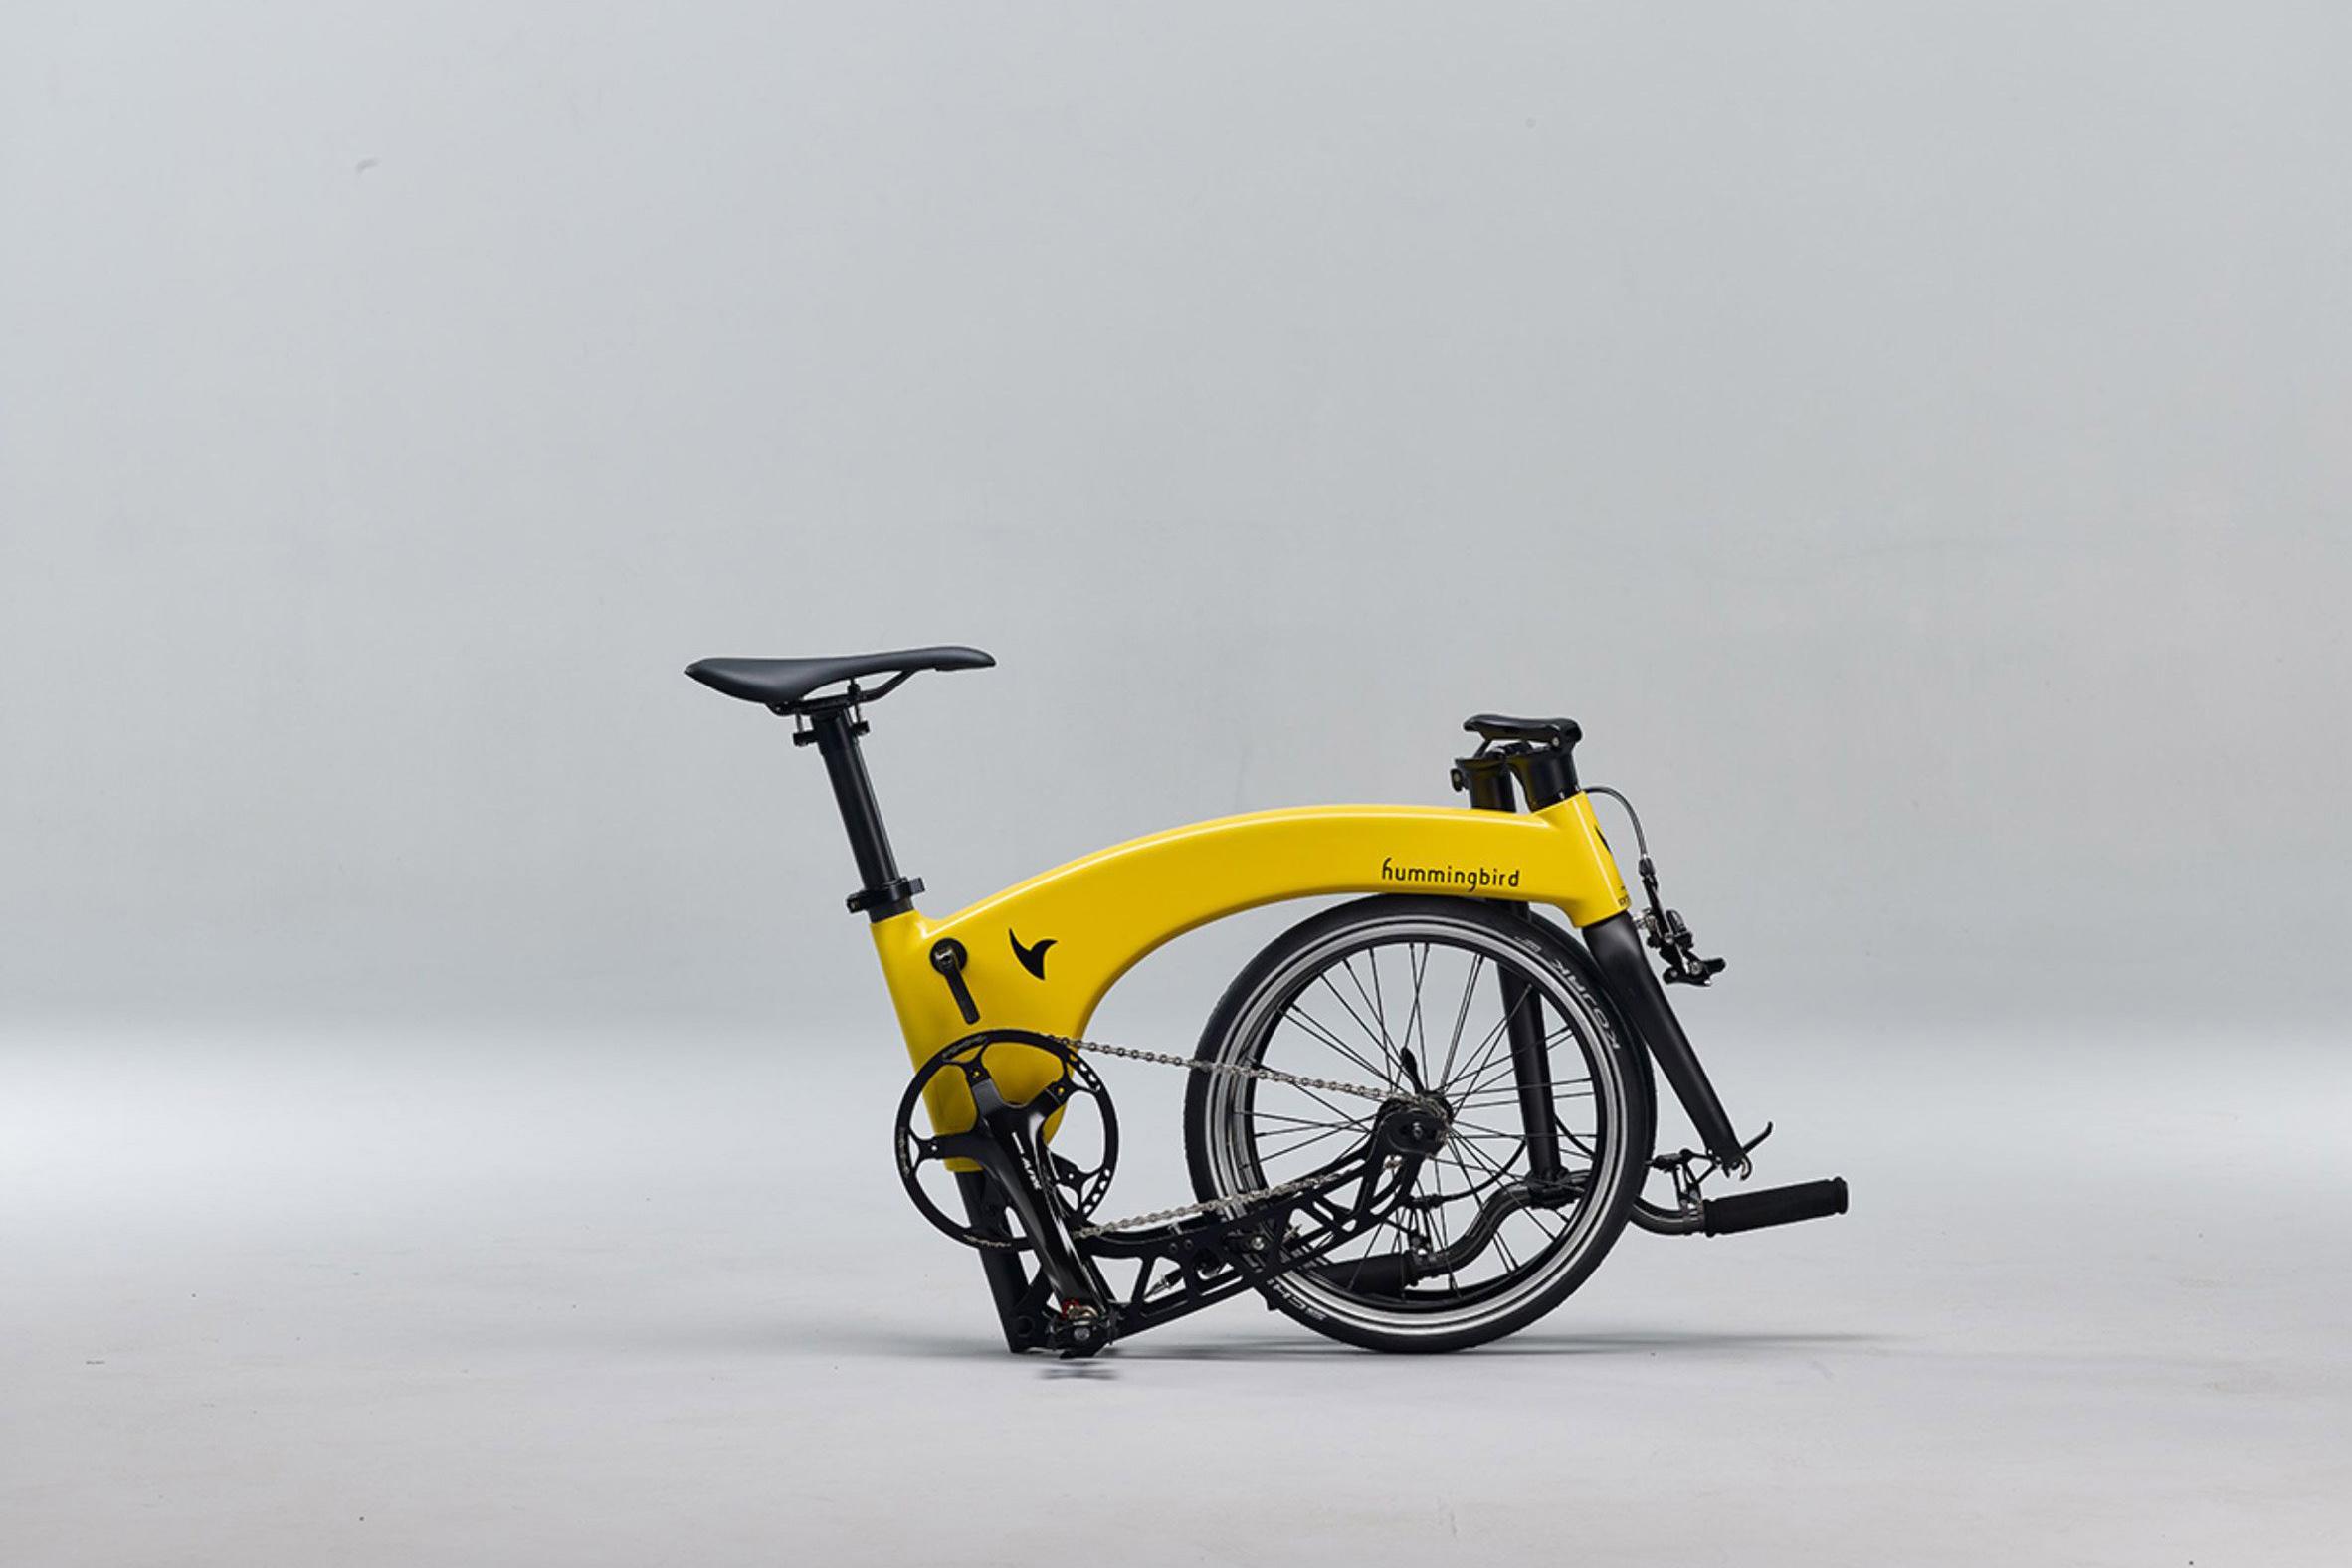 hummingbird-bike-in-production-design_dezeen_2364_col_9.jpg